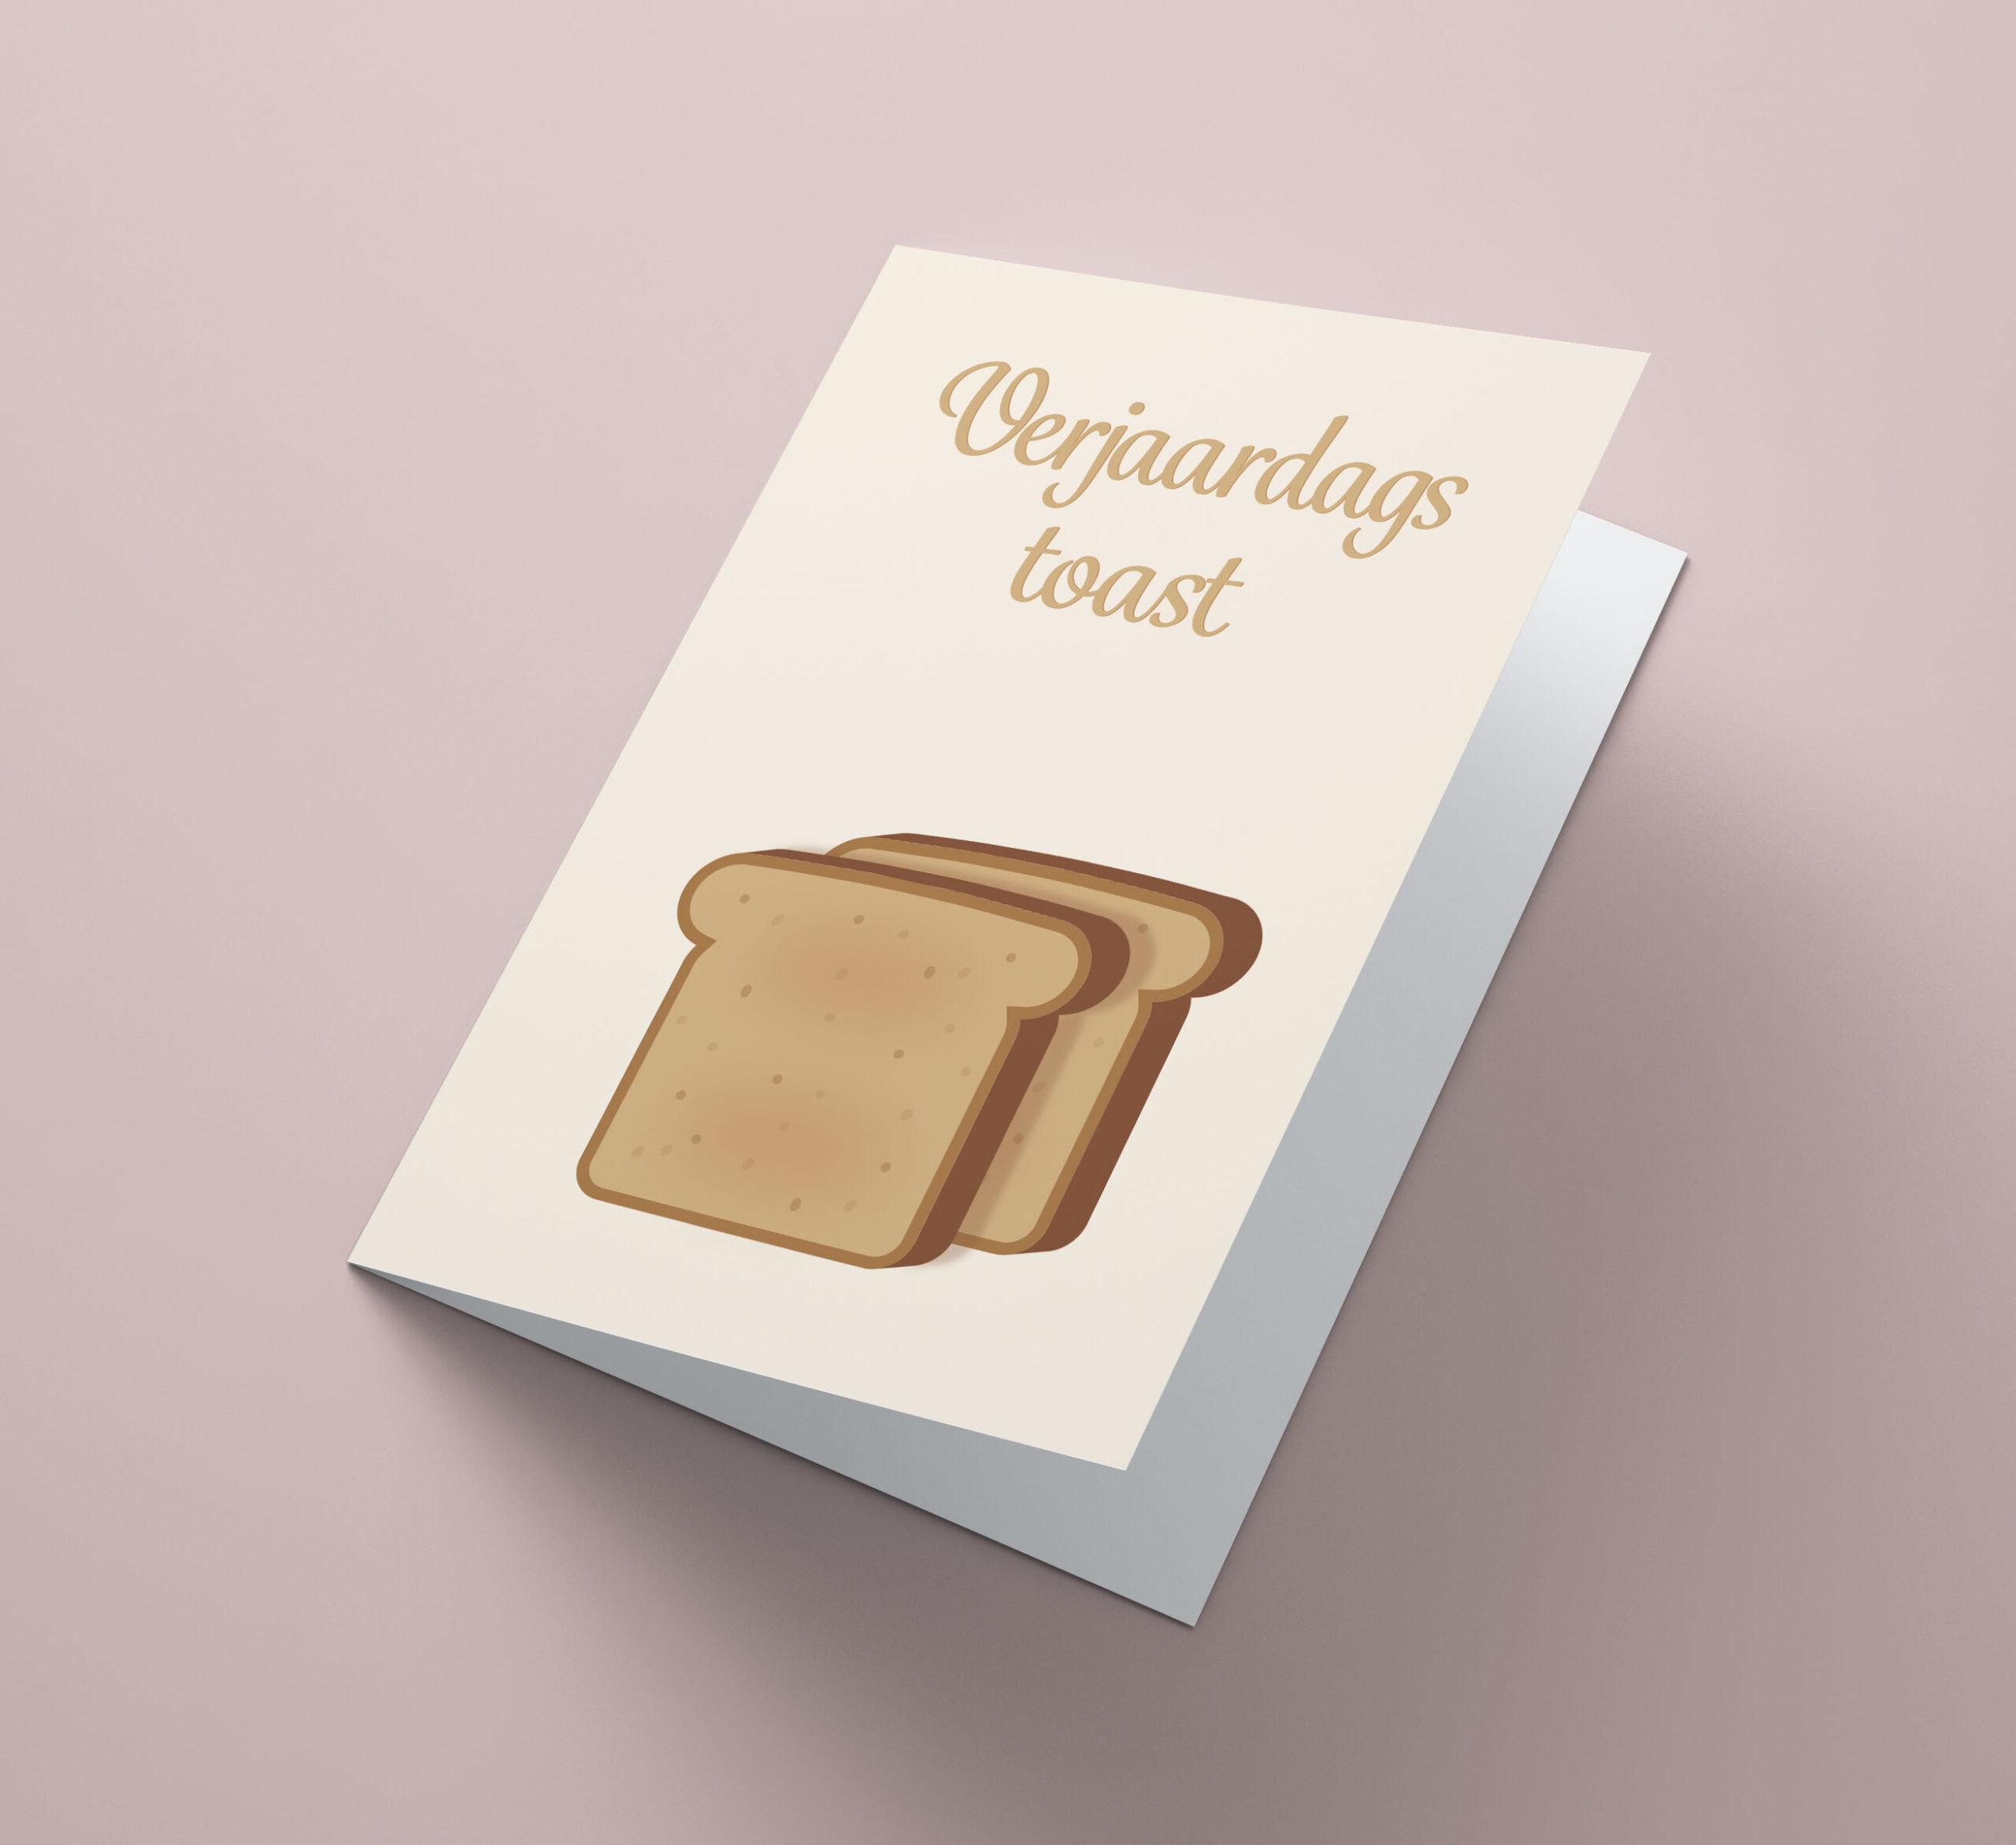 Verjaardags Toast